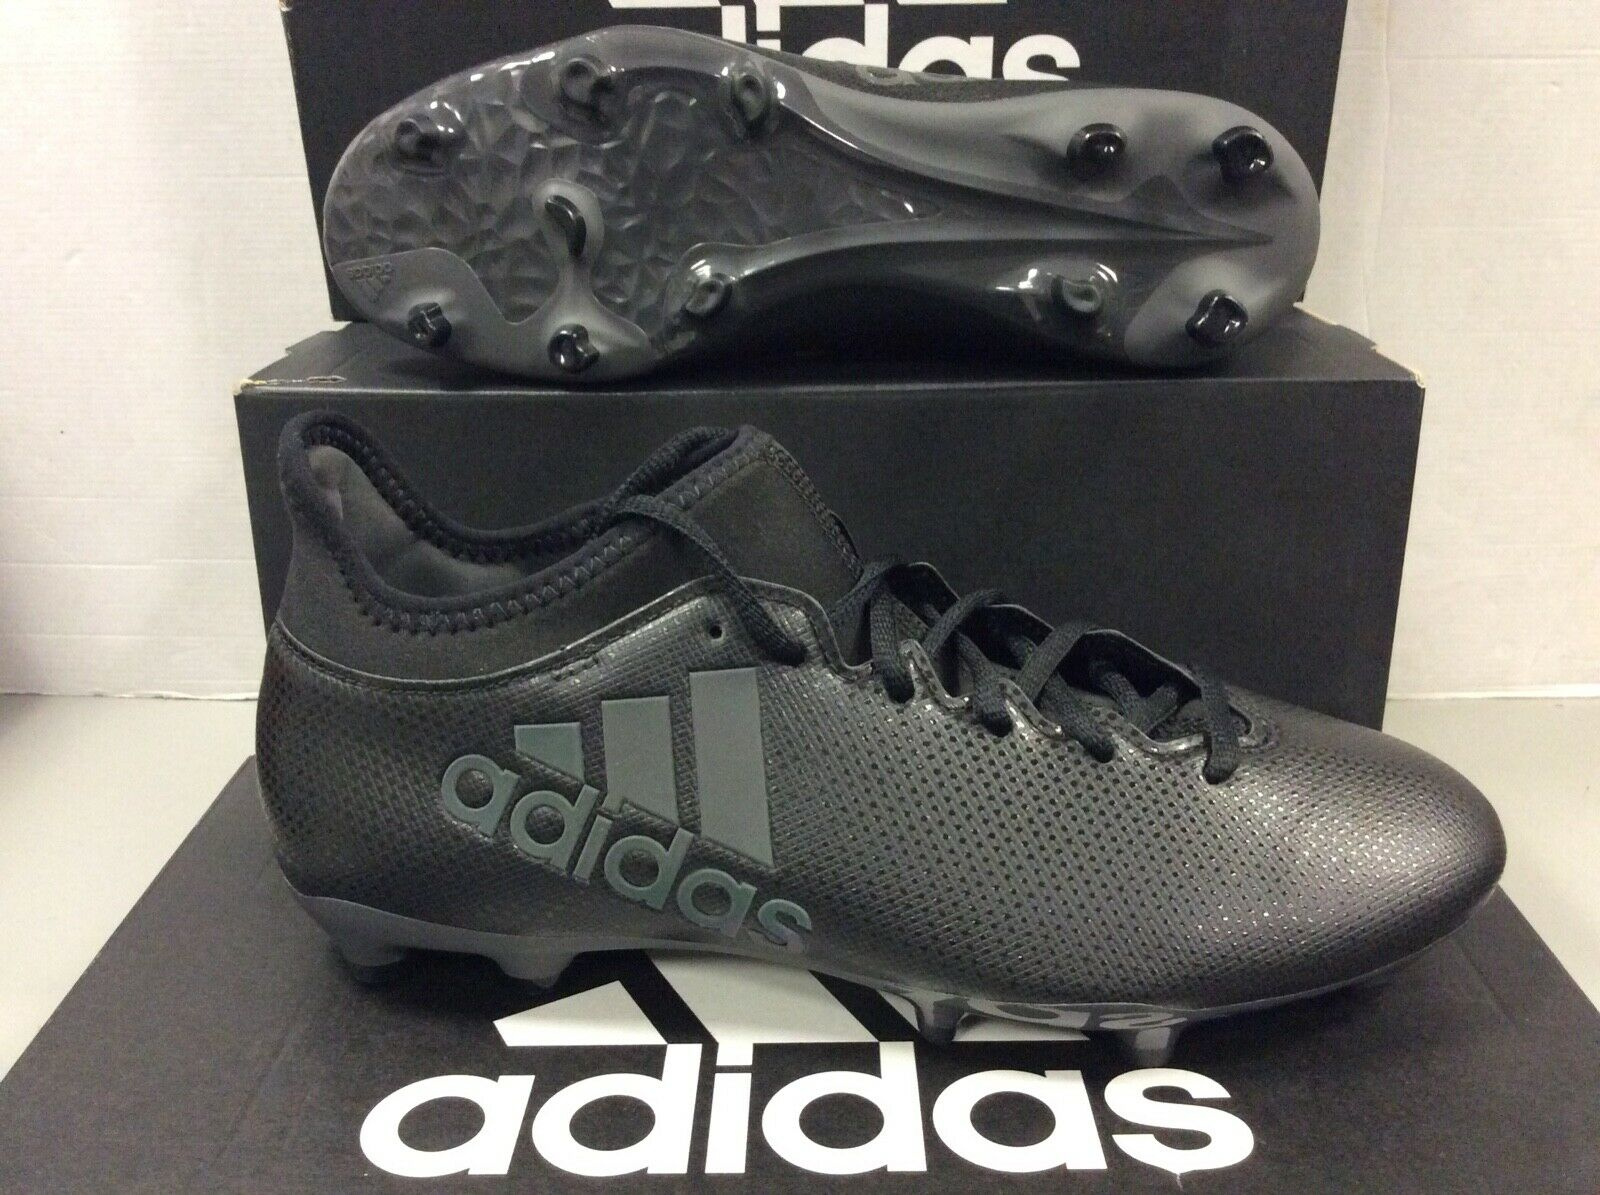 Adidas X 17.3 Fg Fútbol botas Zapatos para hombres negra, talla  44 euros